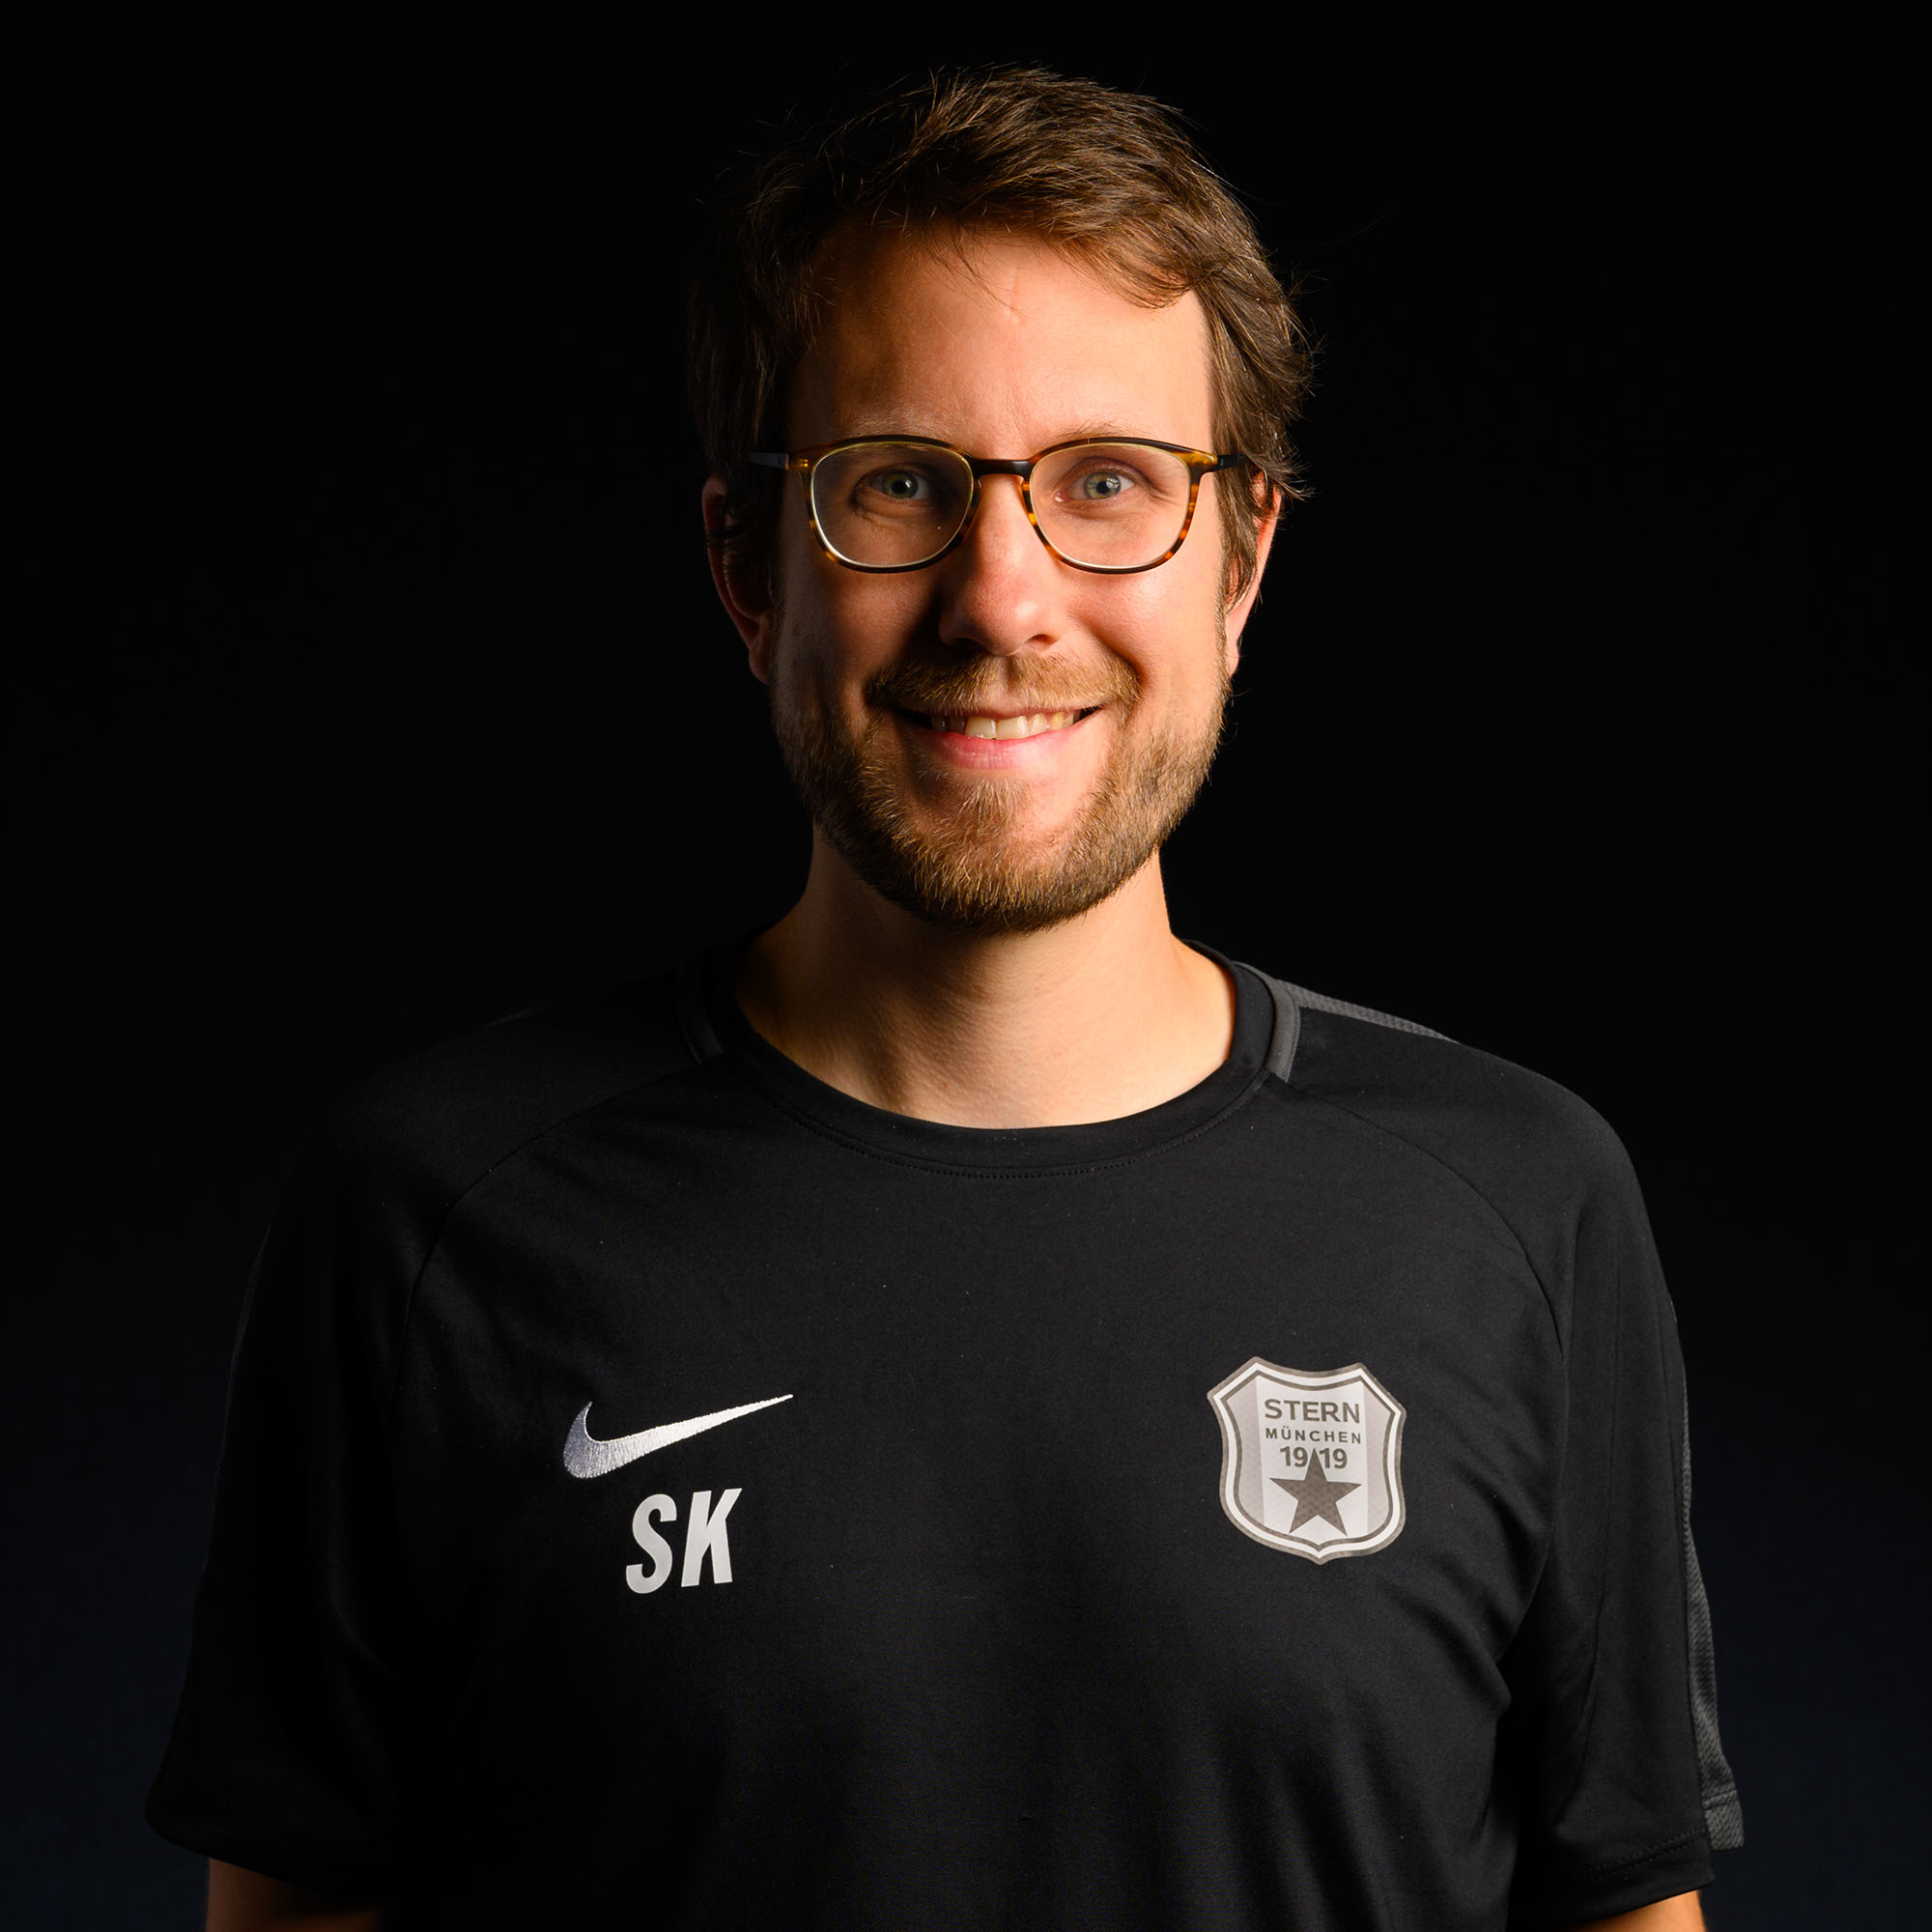 Sören Krieger